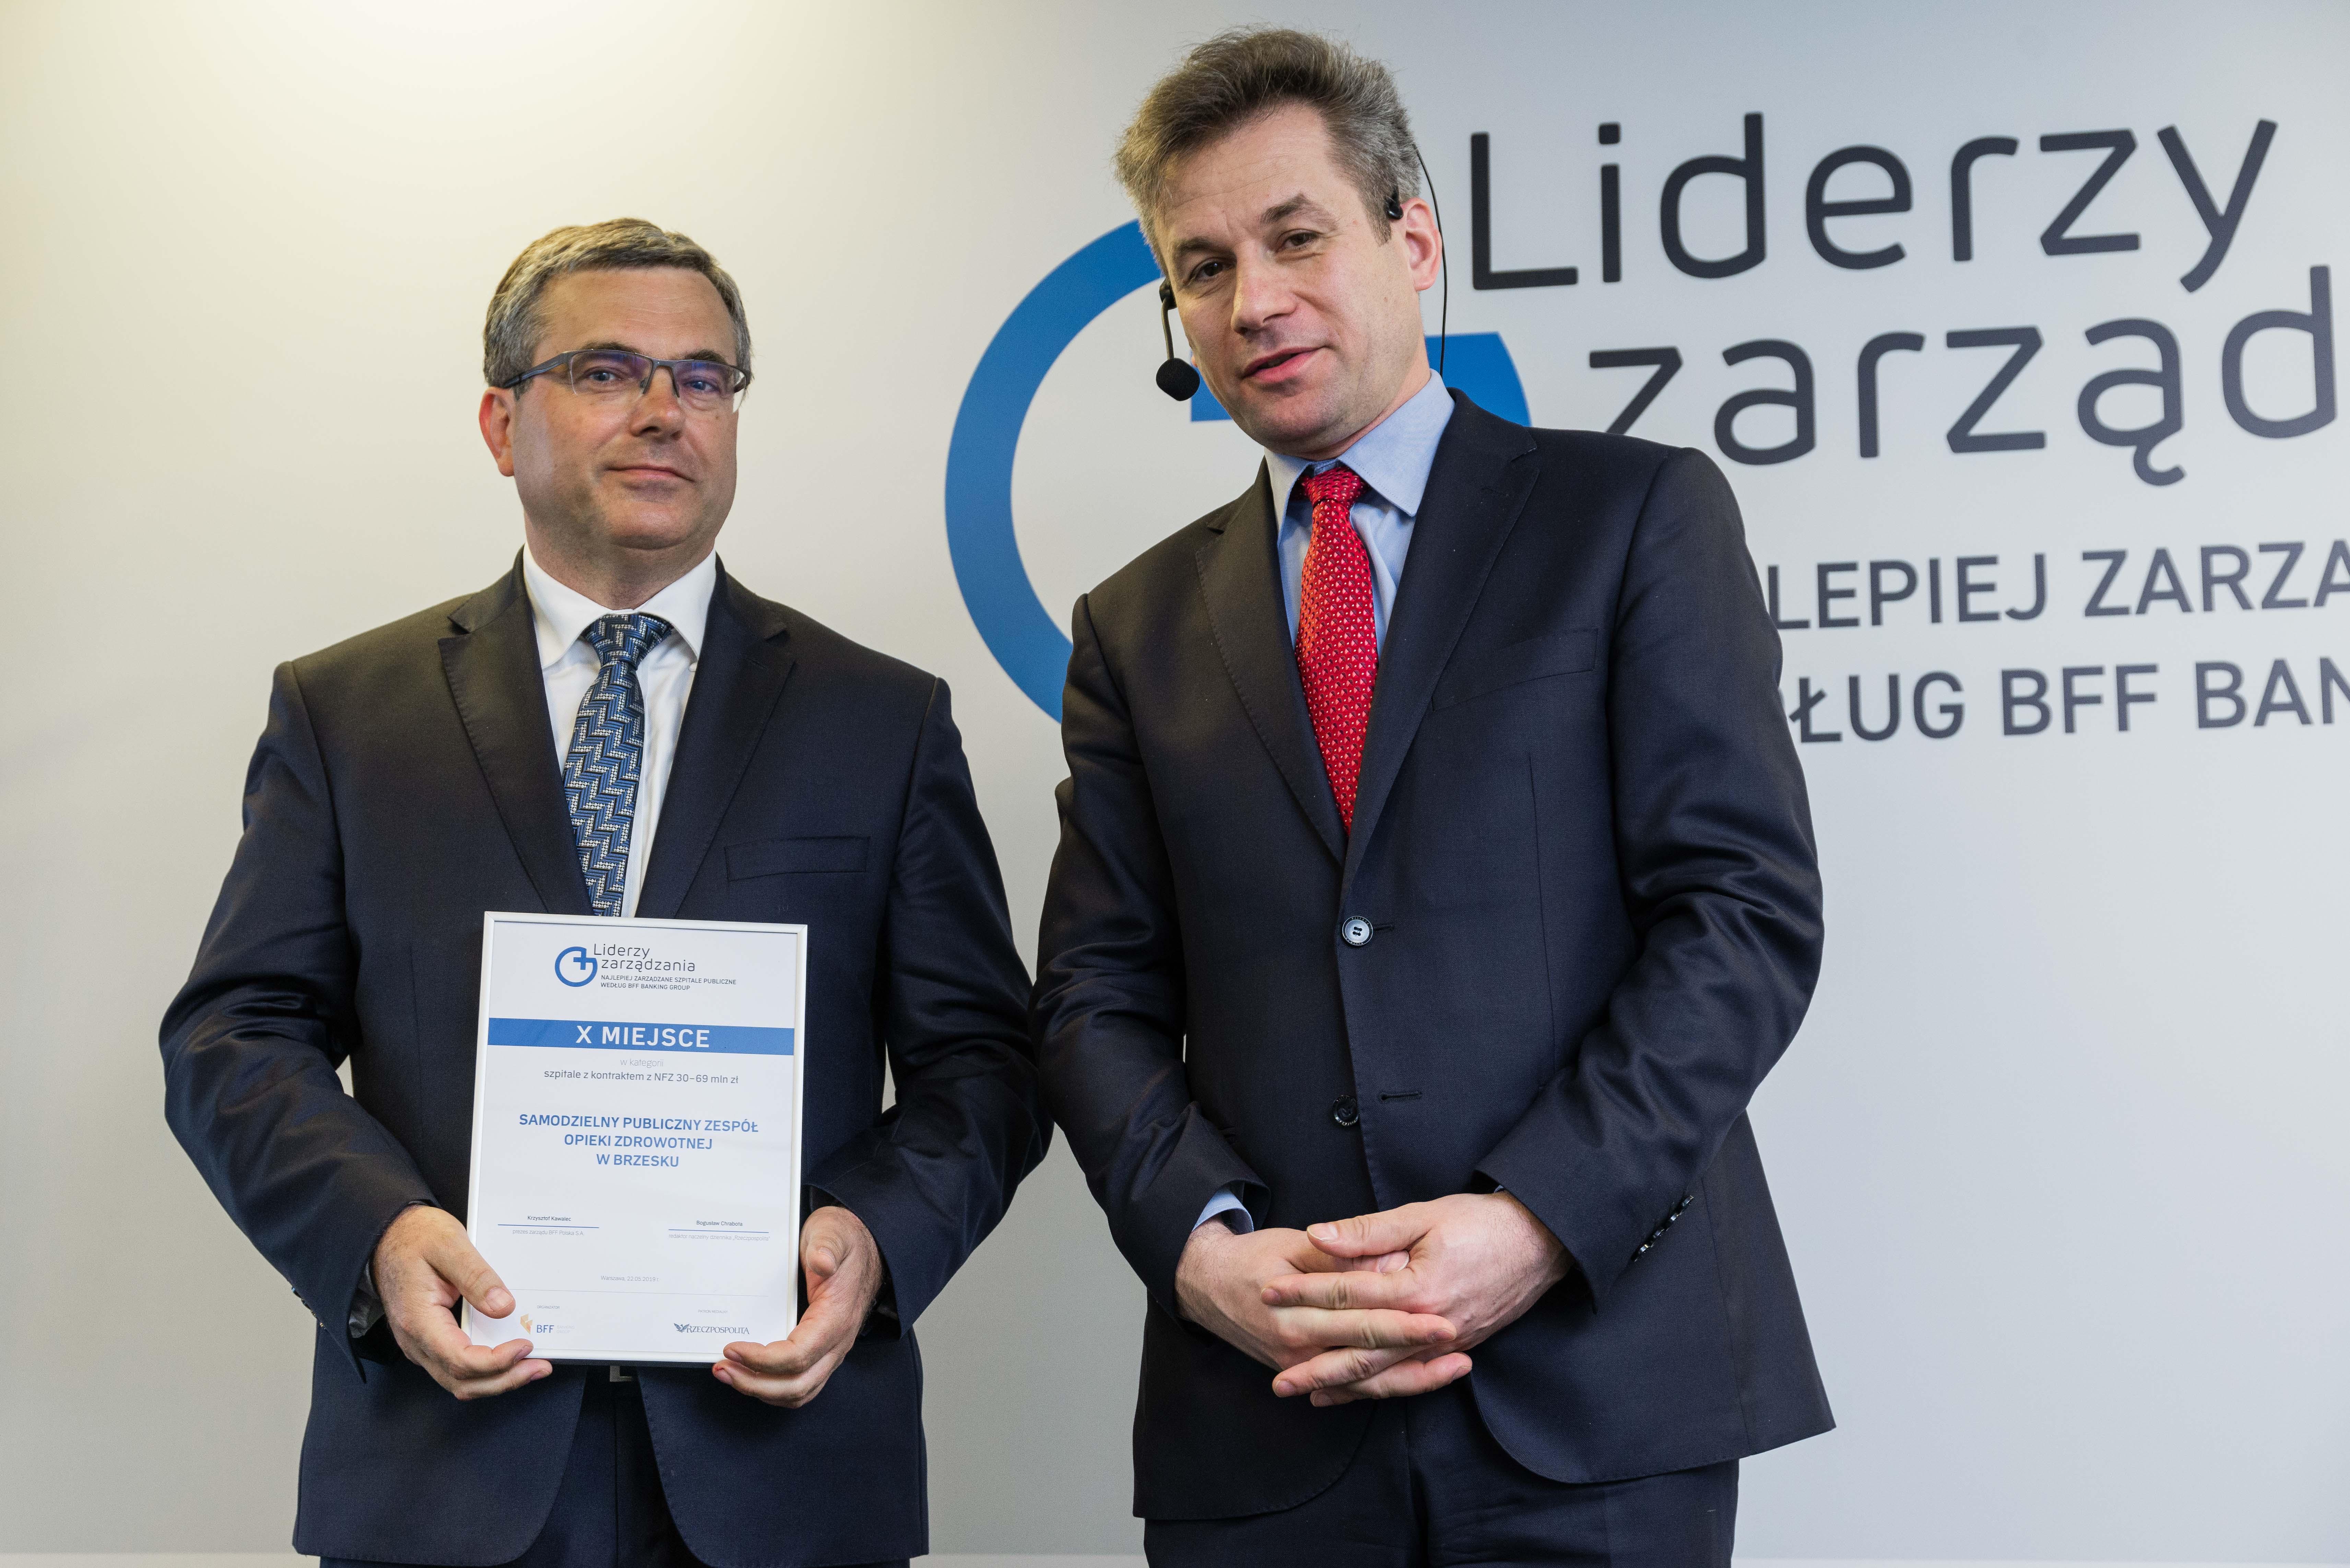 Wręczenie nagrod Liderzy zarządzania według BFF